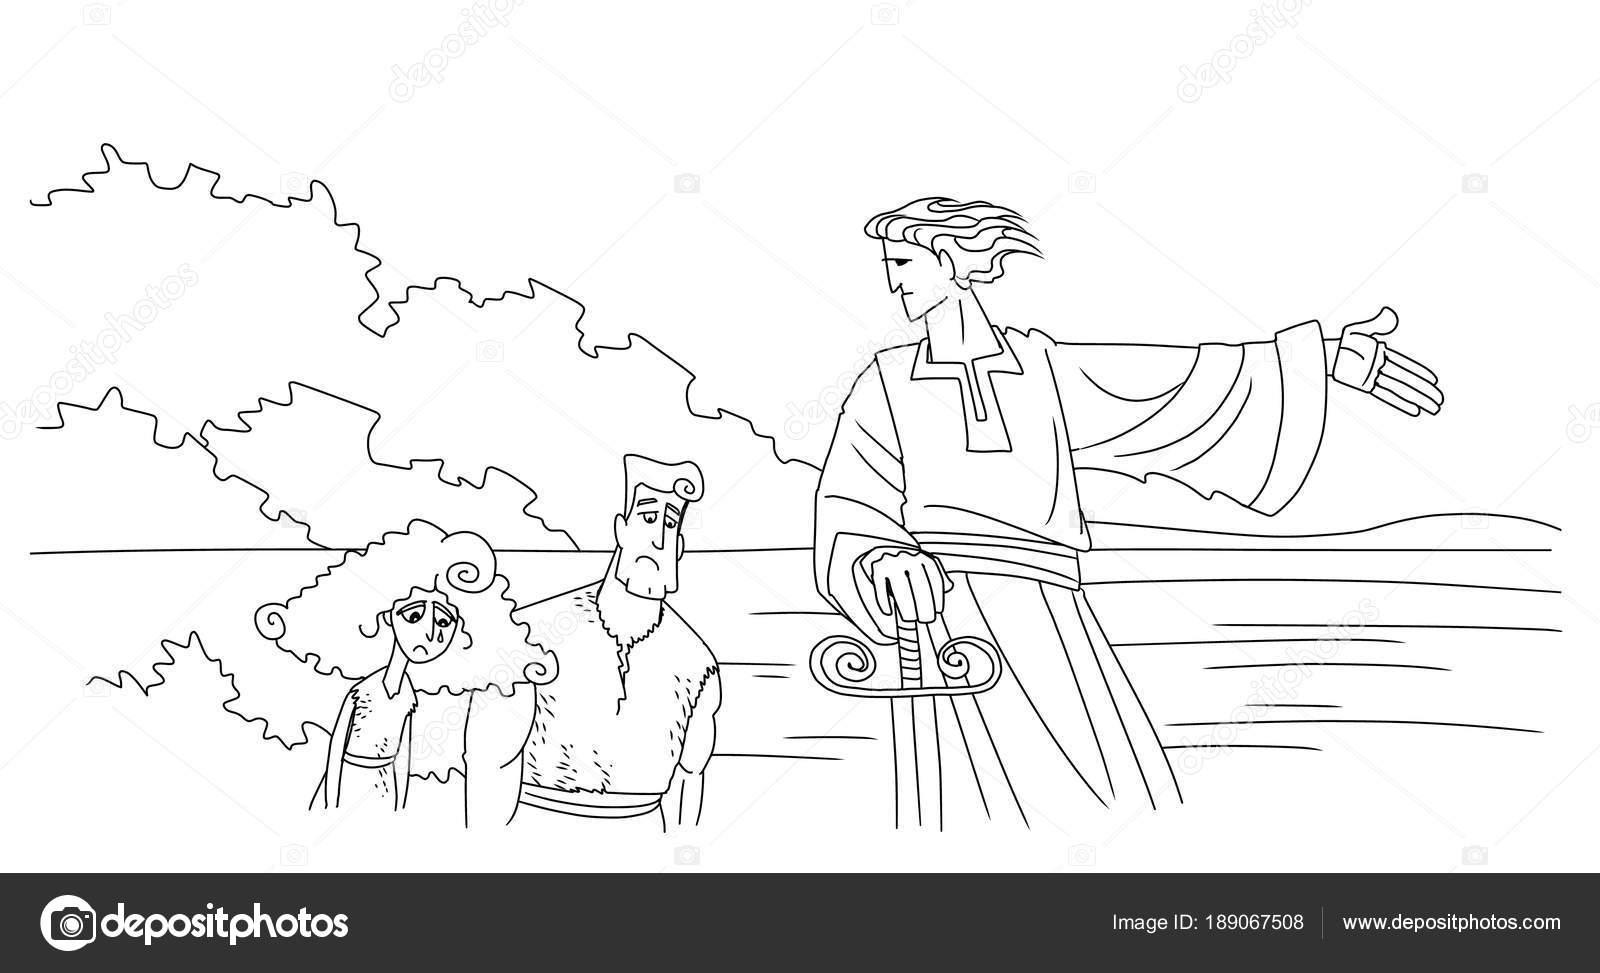 Ángel expulsa a Adán y Eva del Edén — Fotos de Stock © askib #189067508